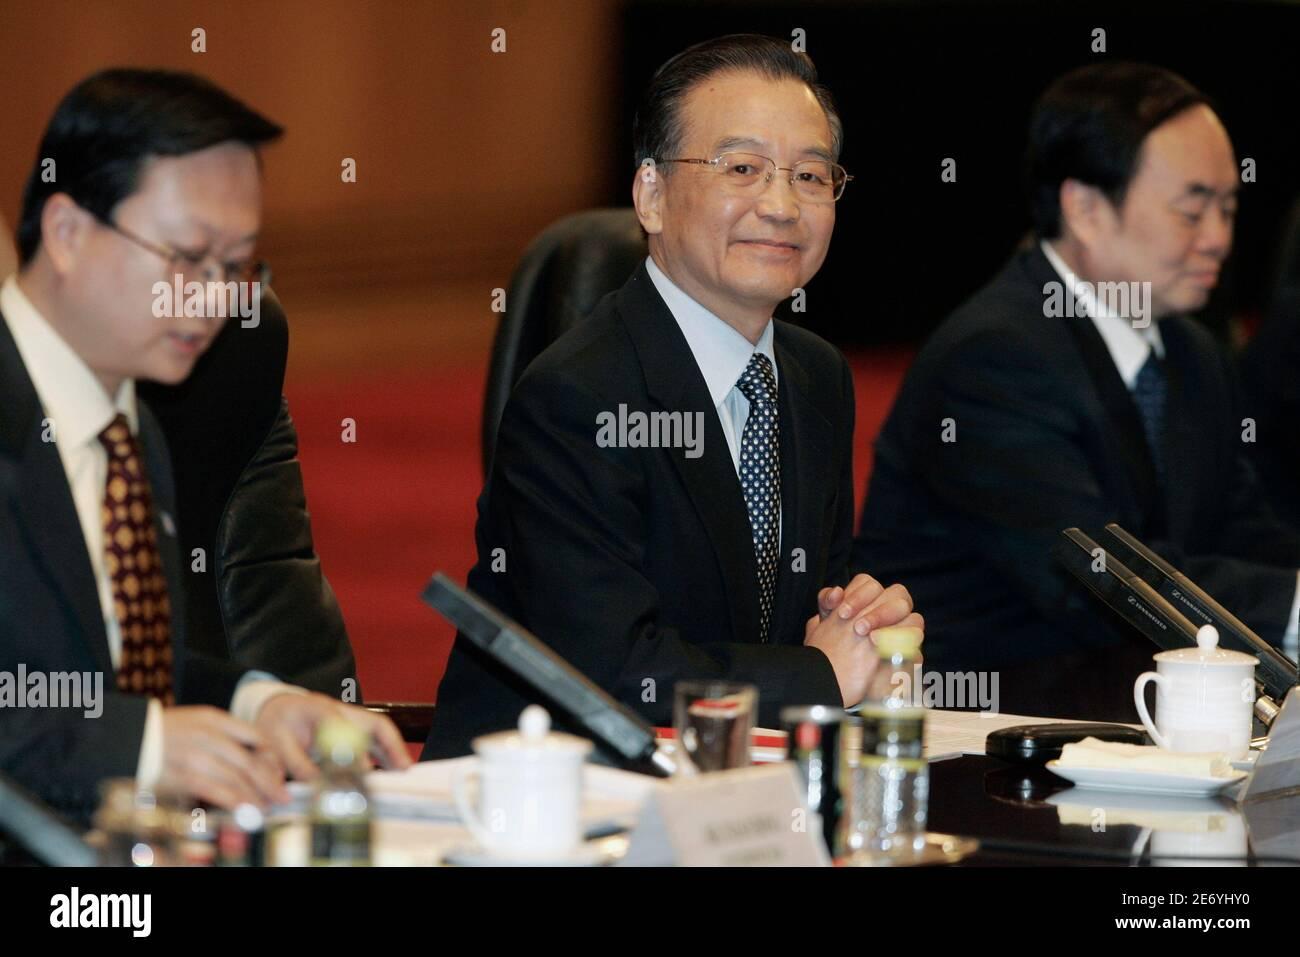 El primer Ministro de China, Wen Jiabao (C), se sienta con funcionarios chinos no identificados durante las conversaciones con el primer Ministro de Portugal, José Sócrates, en el Gran Salón del Pueblo de Beijing, el 31 de enero de 2007. REUTERS/Michael Reynolds/Pool (CHINA) Foto de stock